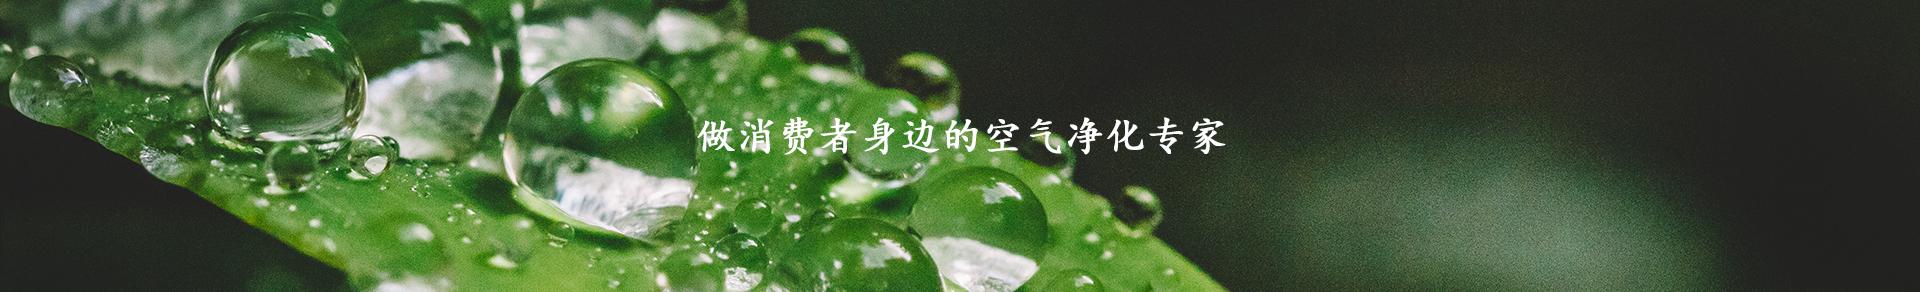 http://www.gxrongen.cn/data/upload/202003/20200331150704_983.jpg